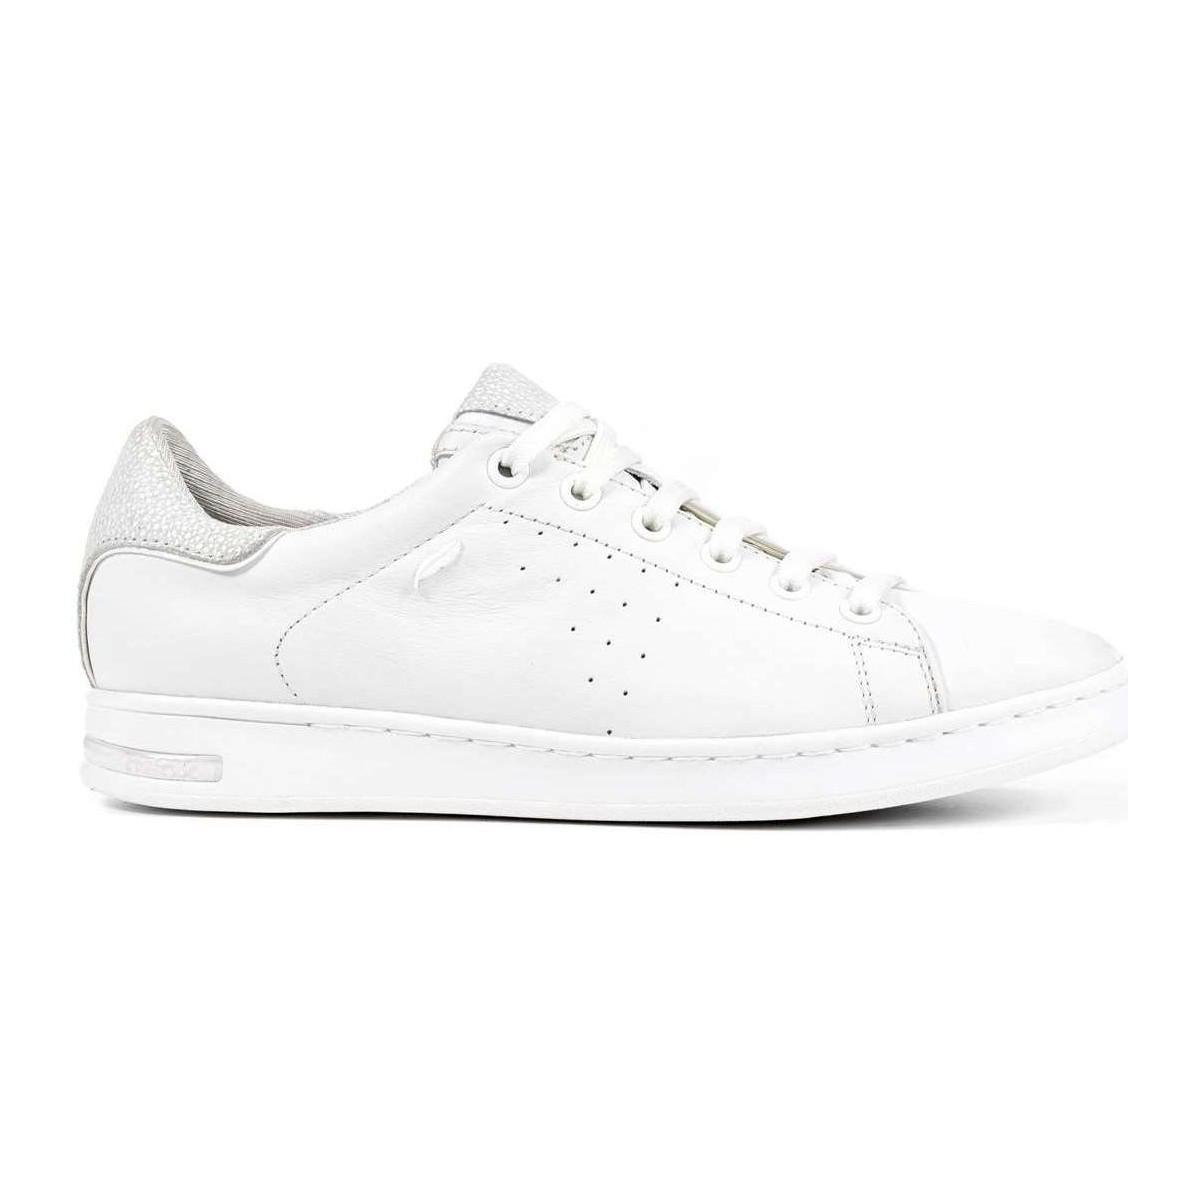 cf0e2c2a4b9e Geox D621ba 00085 Sneakers Women White Women's Shoes (trainers) In ...